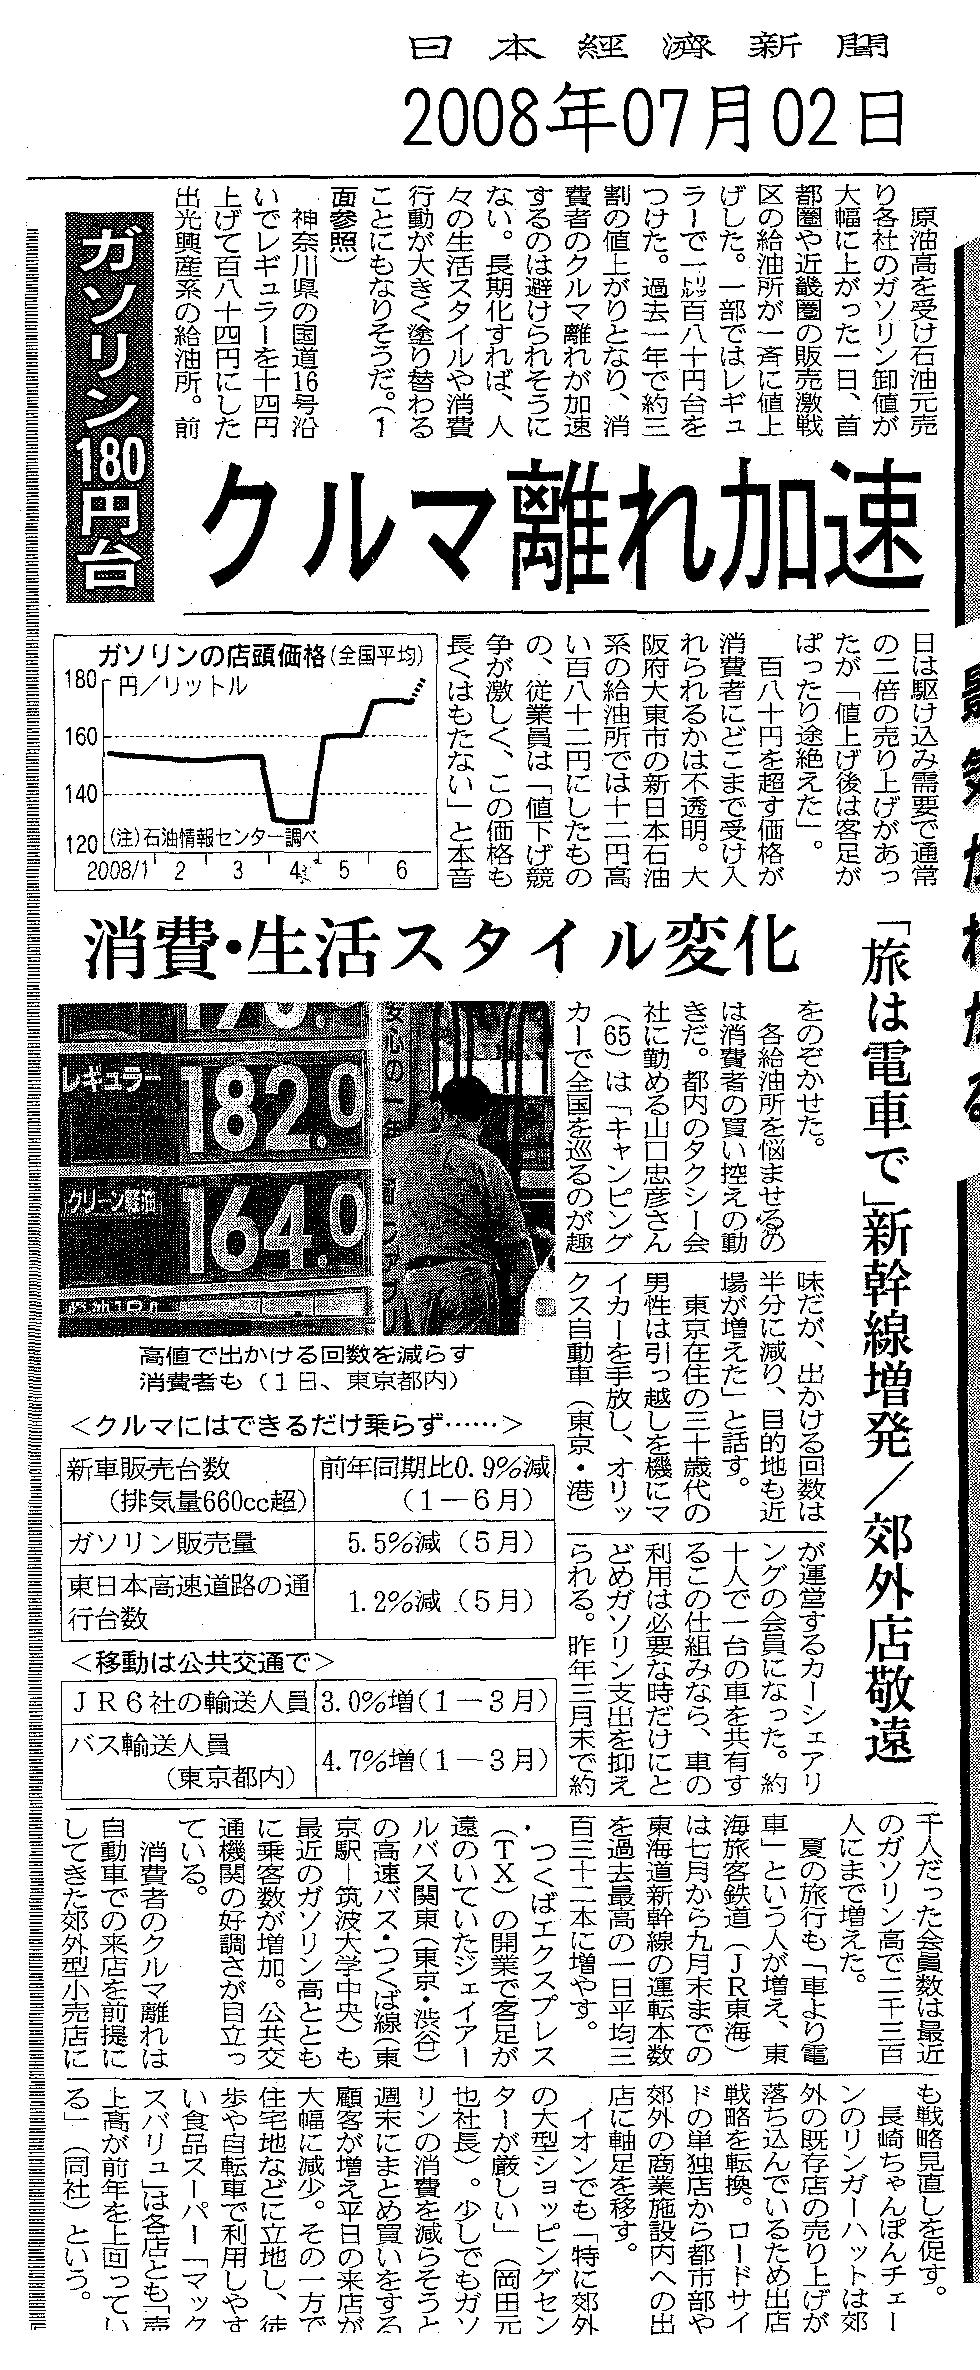 日本経済新聞 2008年07月02日 (c) 2008 日本経済新聞社